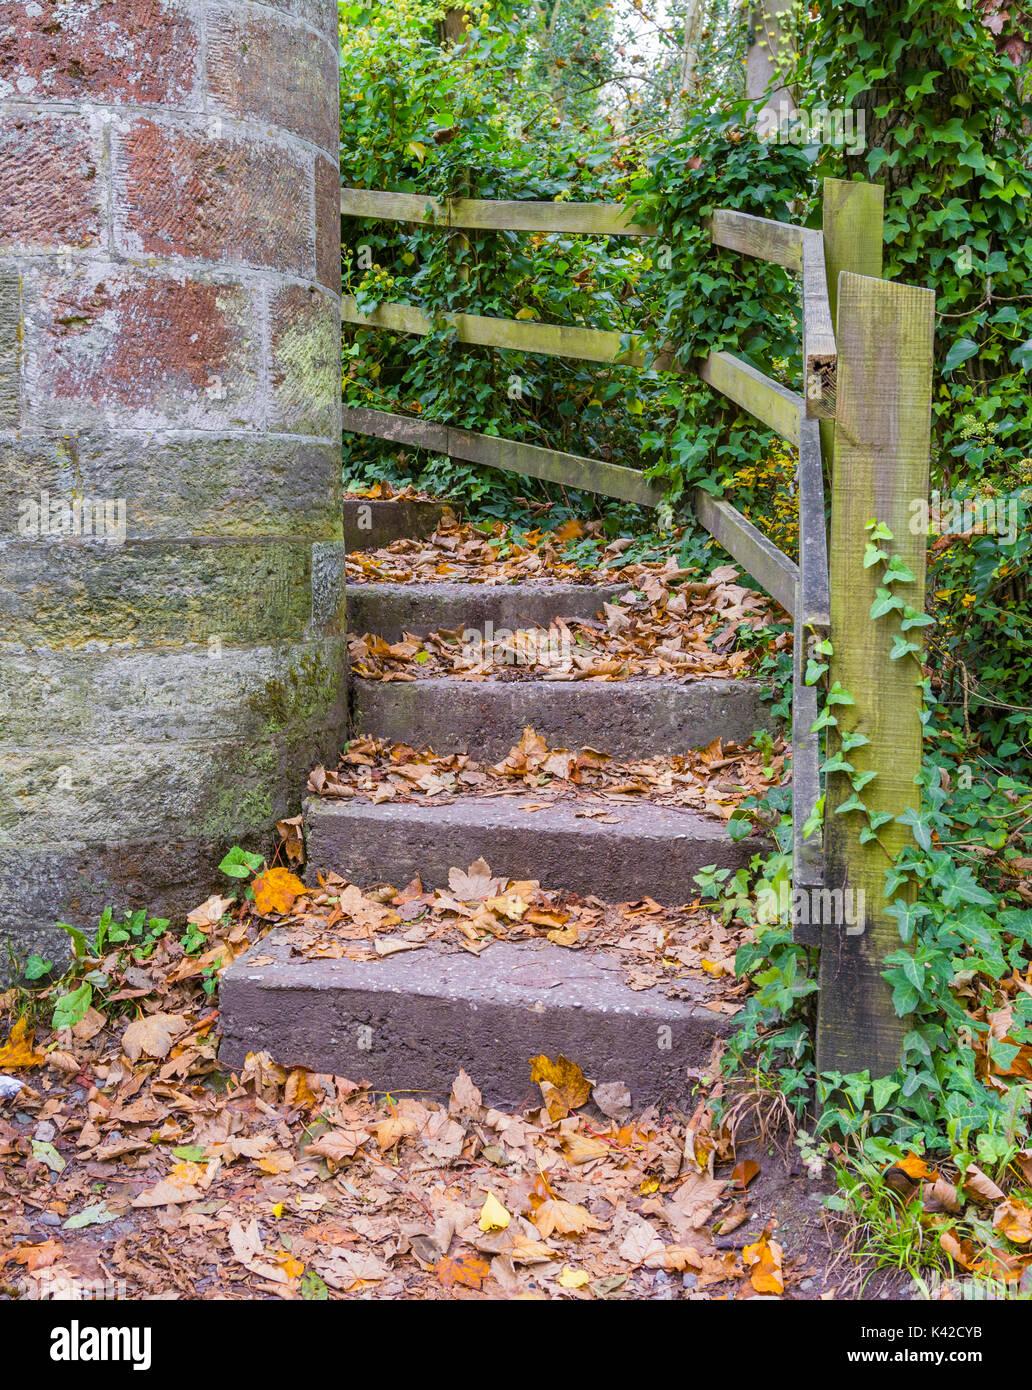 Blätter auf dem Boden auf alte Steintreppe im Herbst in Arundel, West Sussex, England, UK. Hochformat. Herbst Konzept. Stockbild